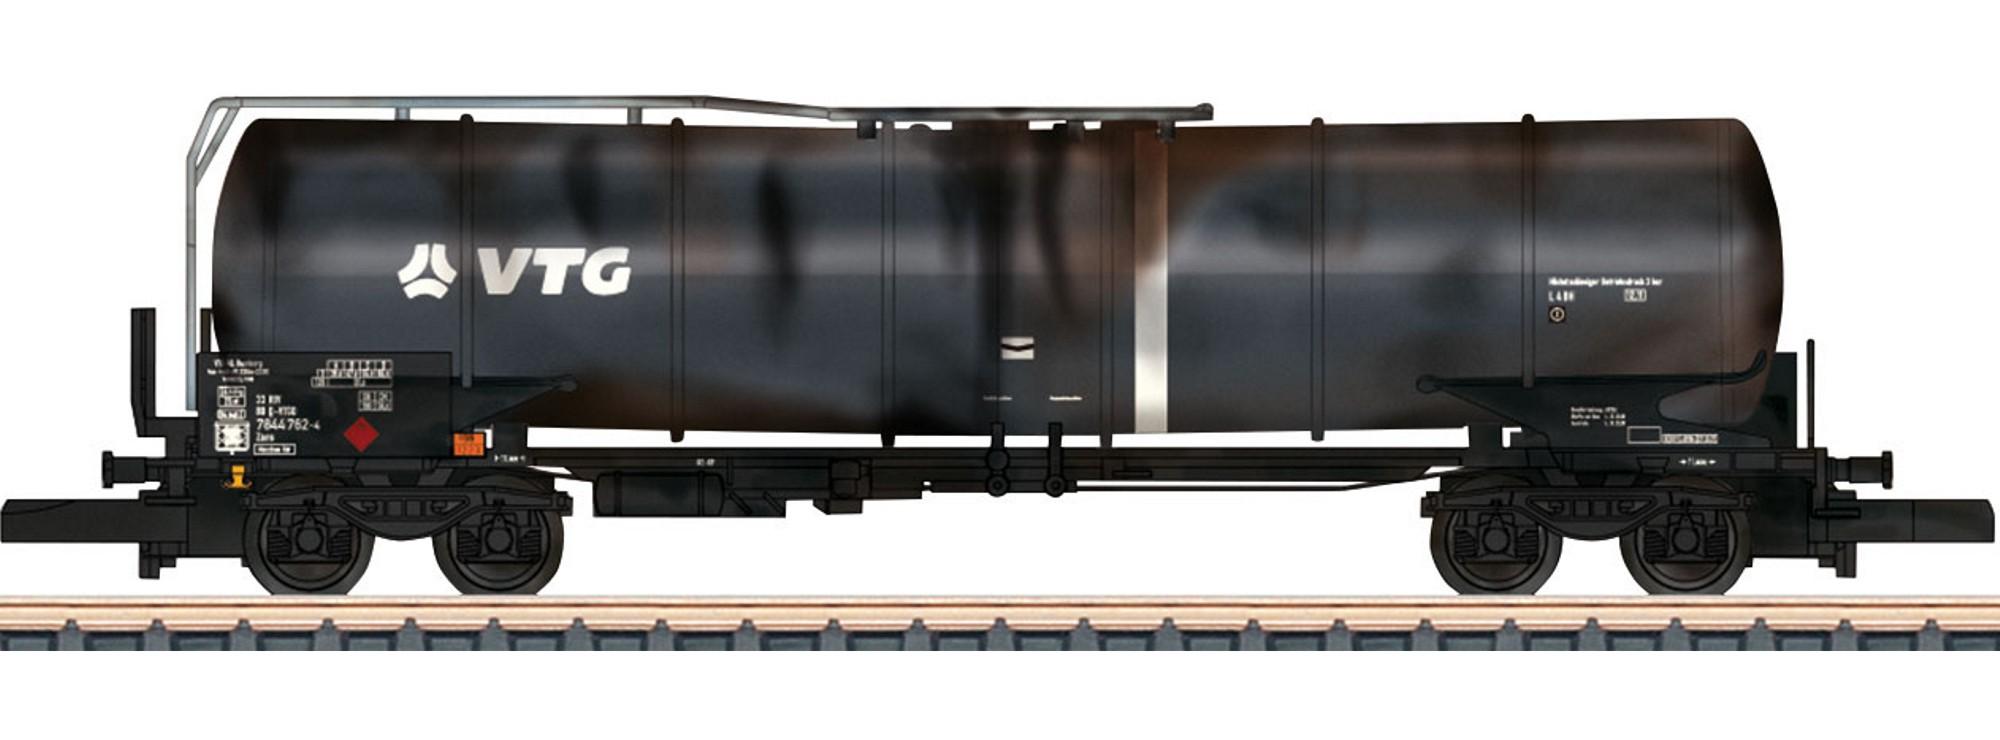 Knickkesselwagen VTG Märklin Z 82489 neu gealtert OVP